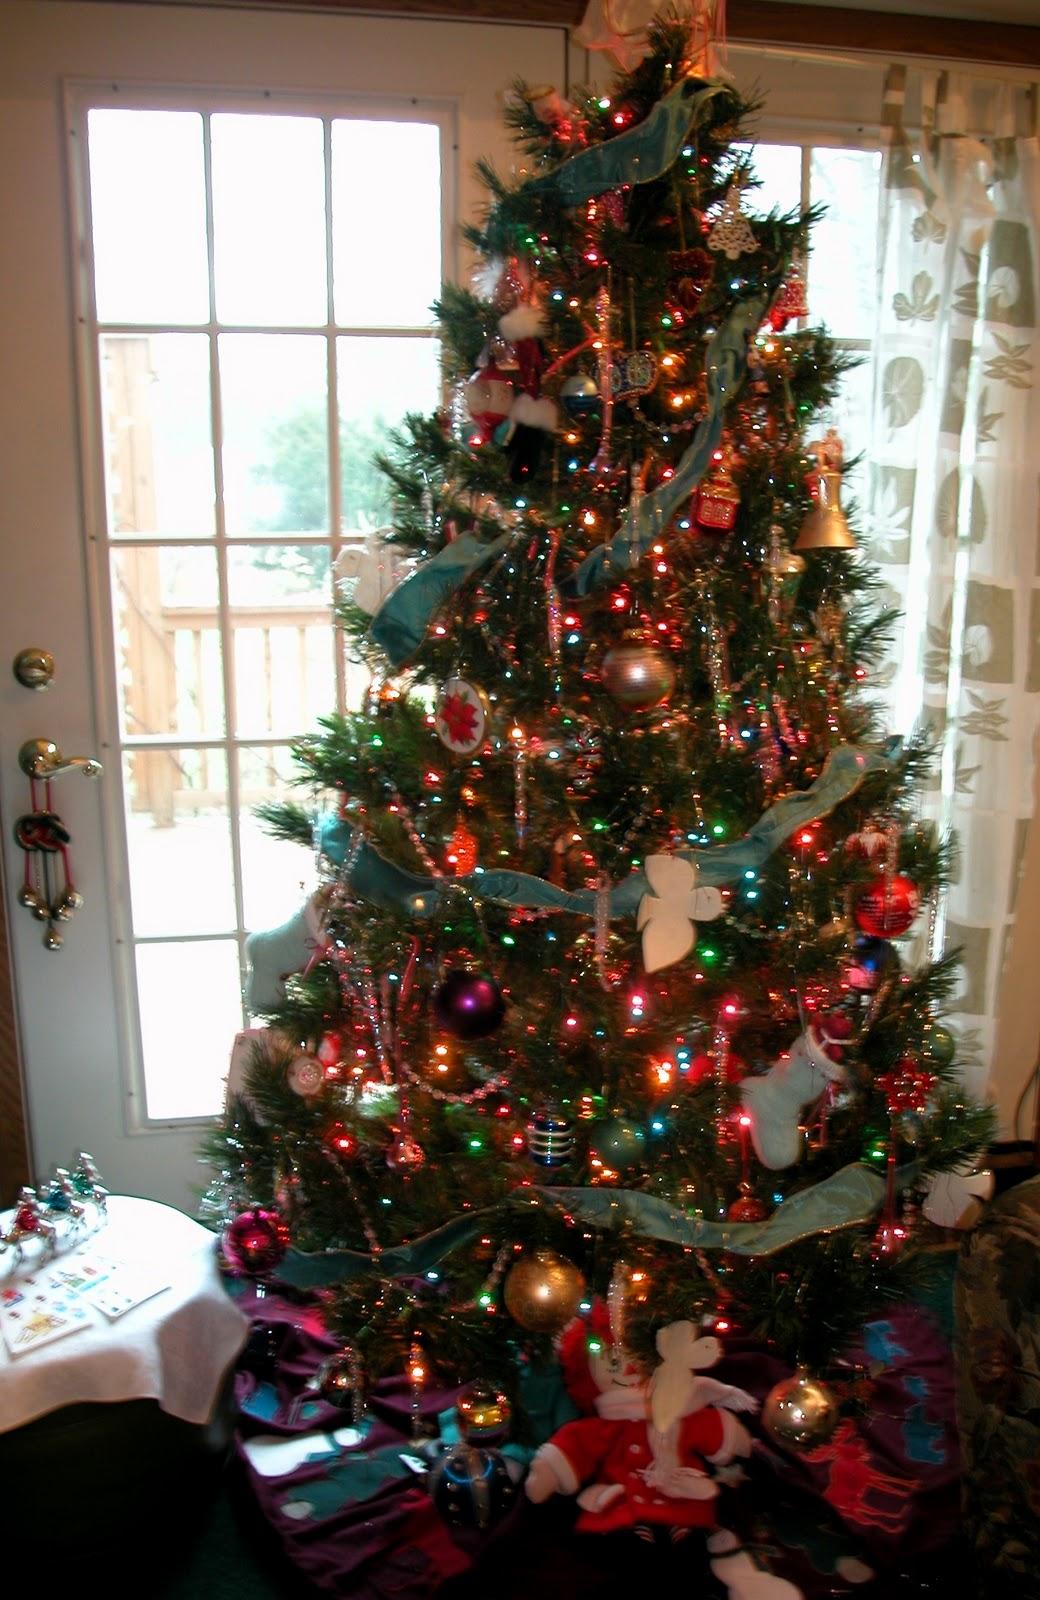 Christmas Tree Flower Power : Power of the flower christmas trees go towards light